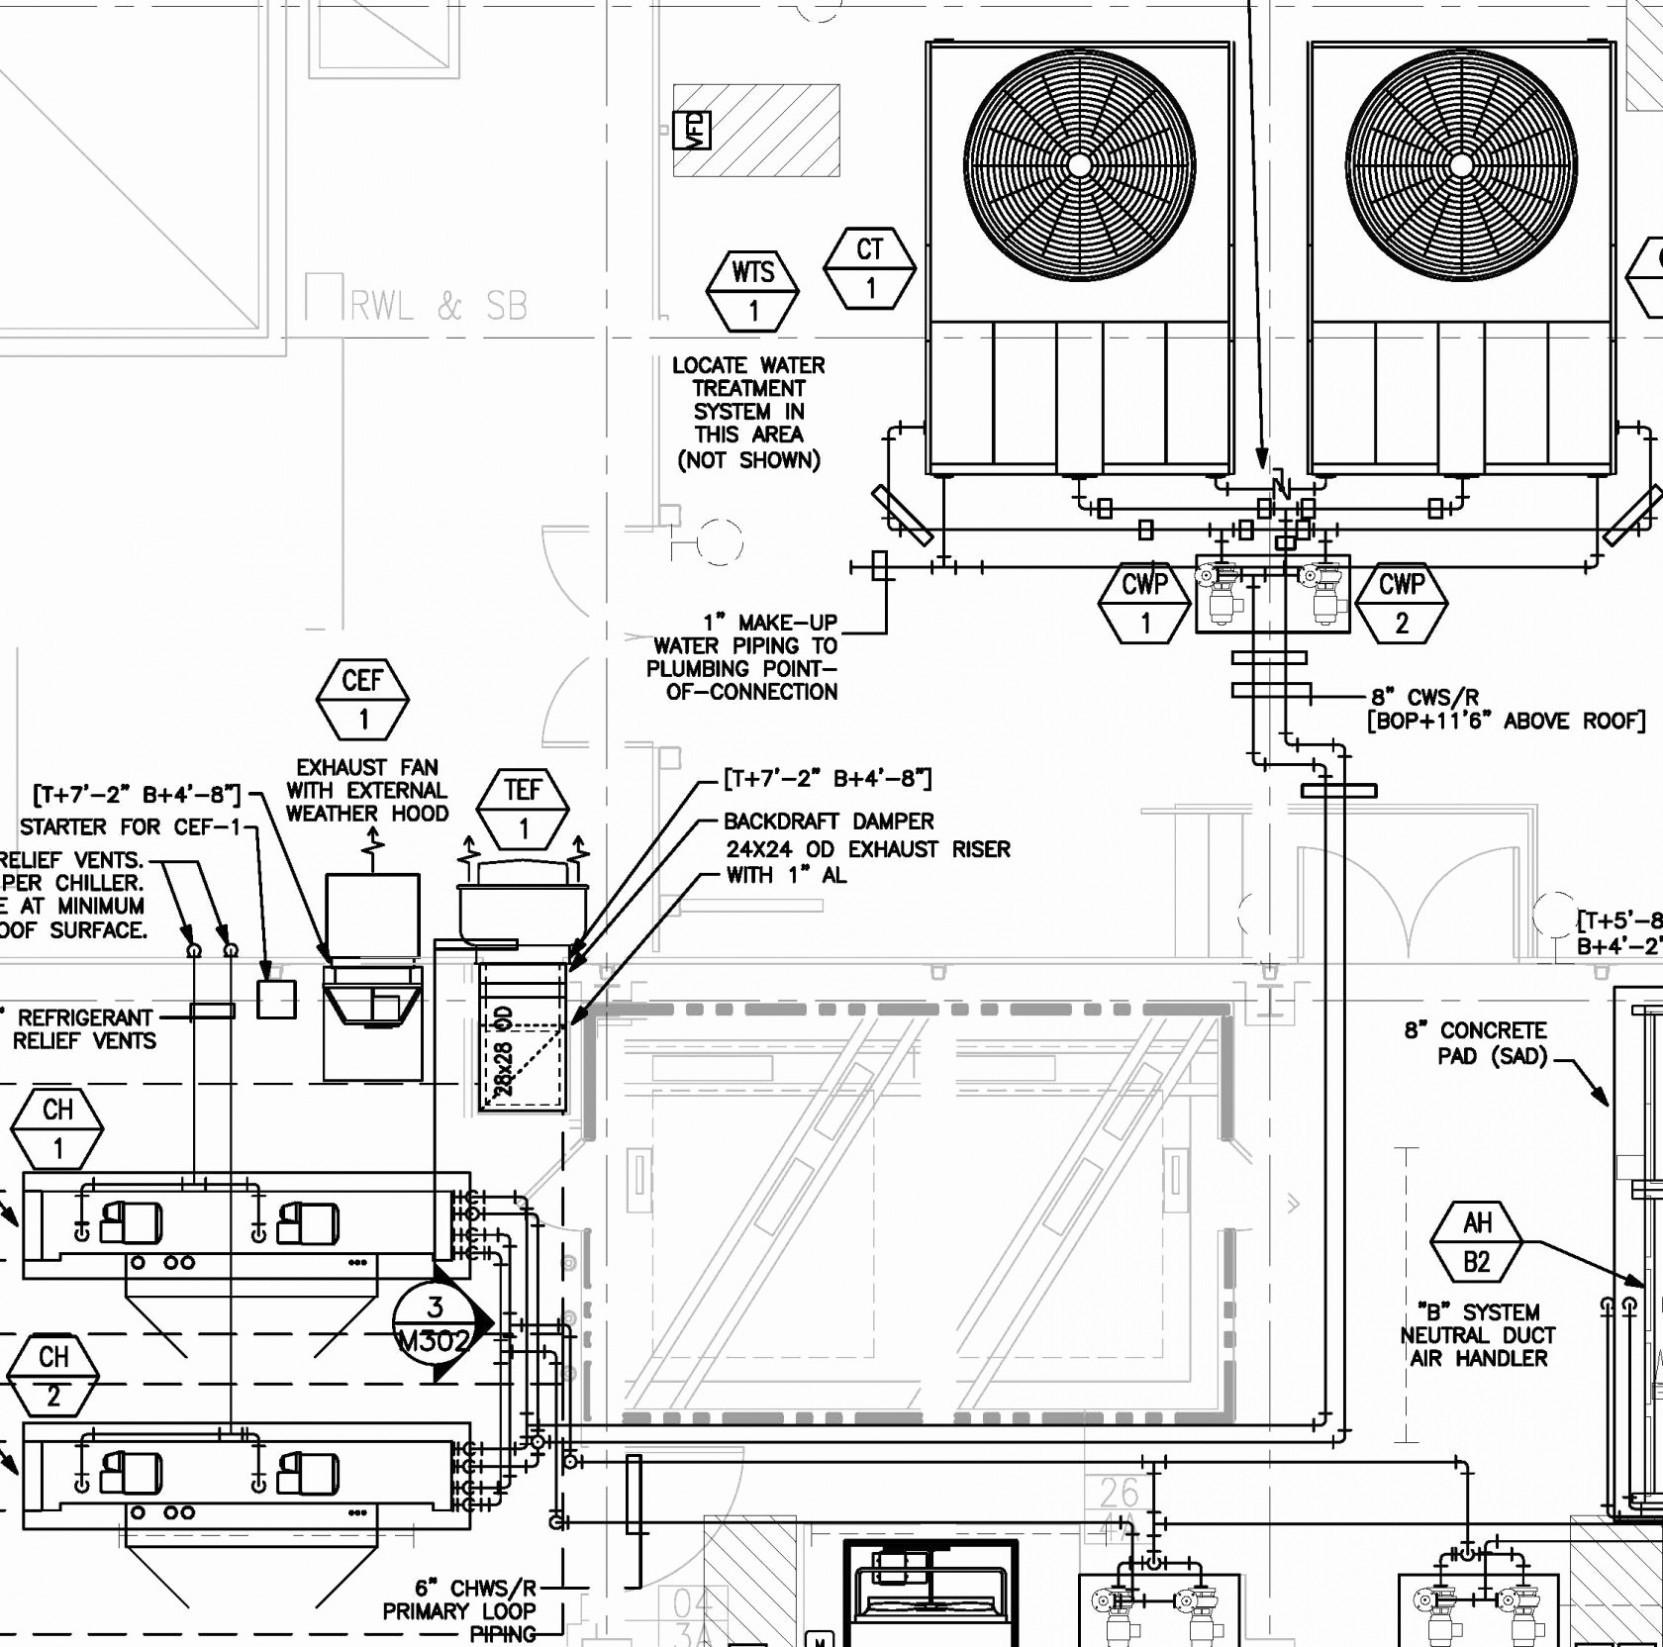 Pv Diagram for Petrol Engine Gator Wiring Diagram Gator Tx Wiring Gator tools Gator Heater Of Pv Diagram for Petrol Engine